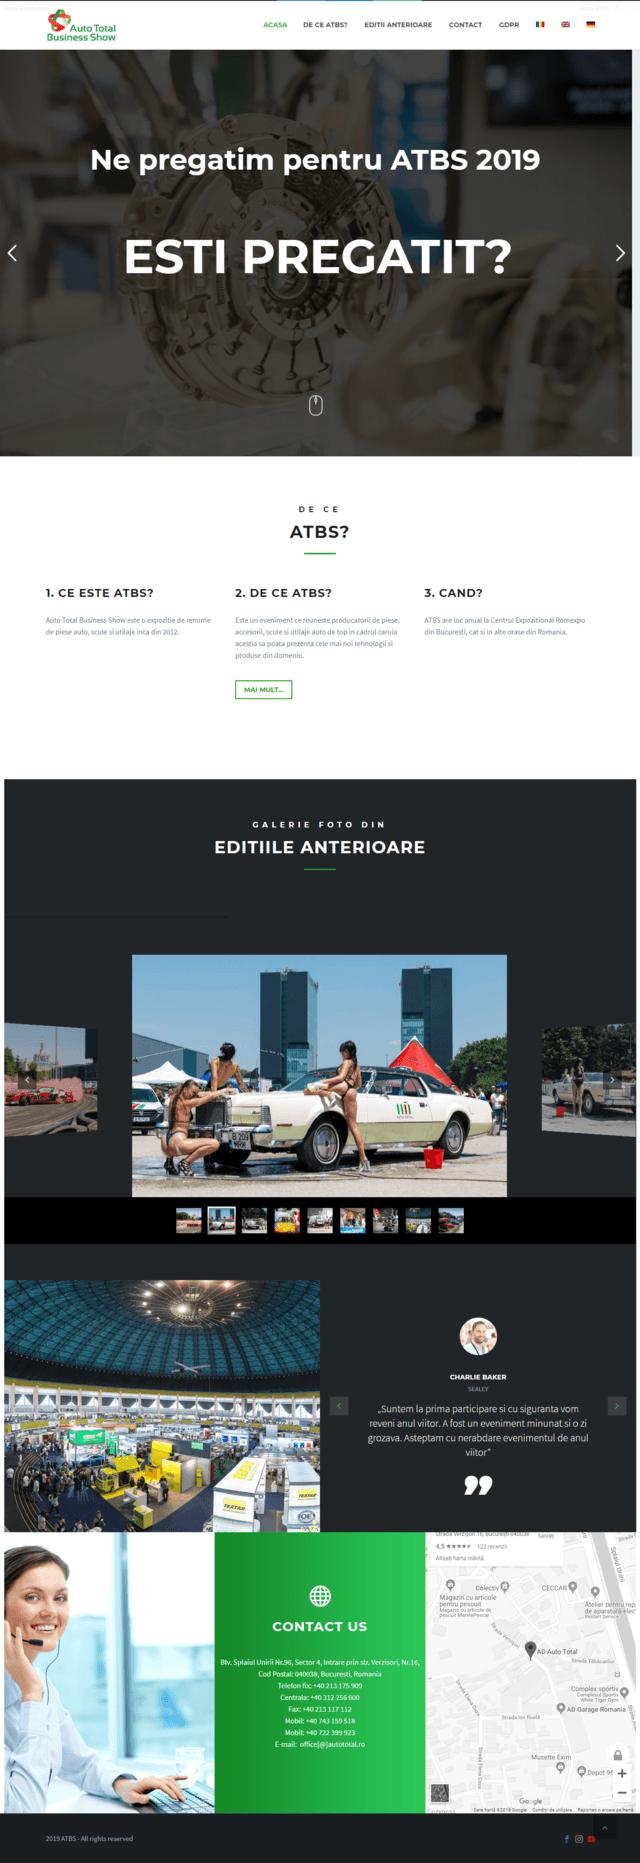 Inovateam web design - atbs